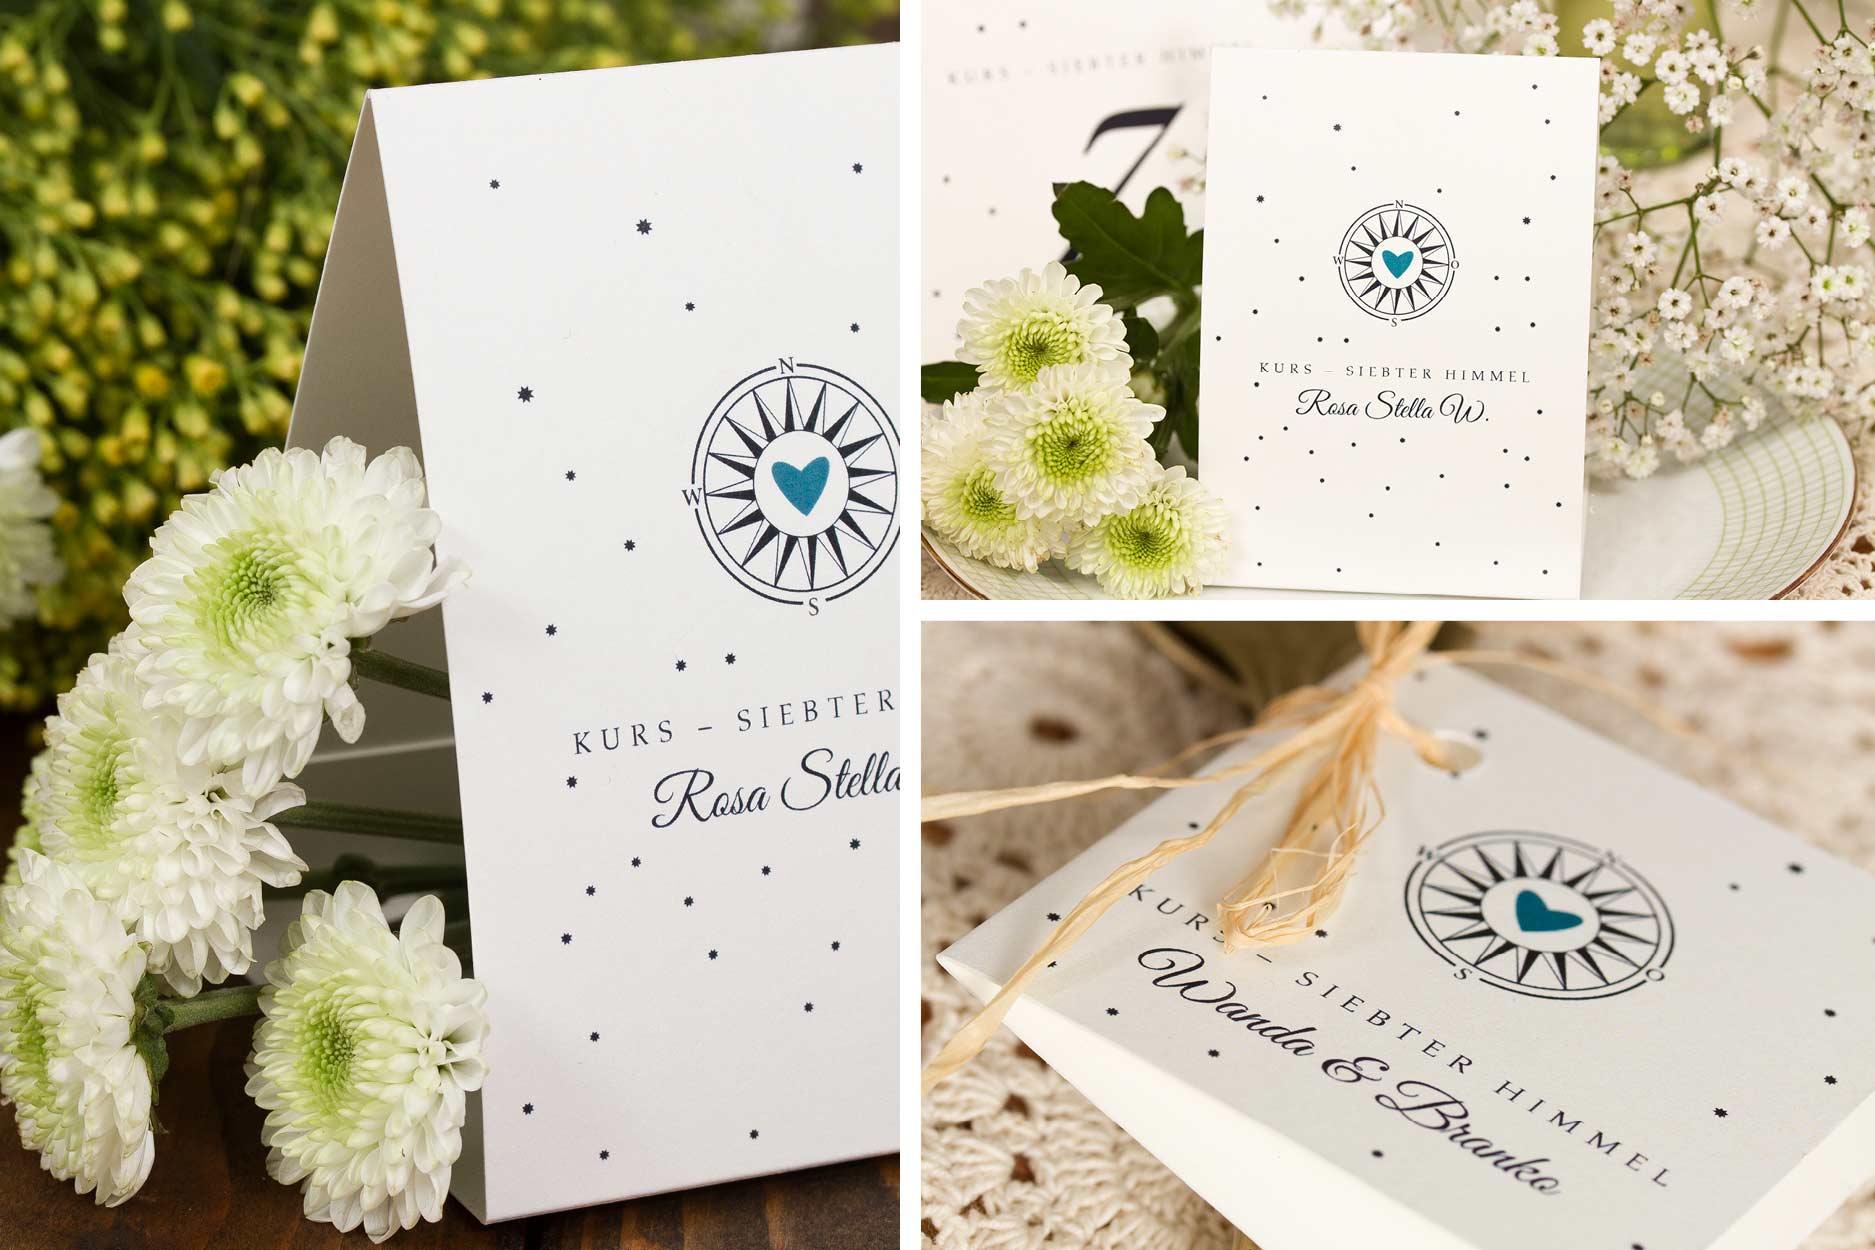 CHILIPFEFFERdesign_Hochzeitskarten_Set_mir_Herz_1920px